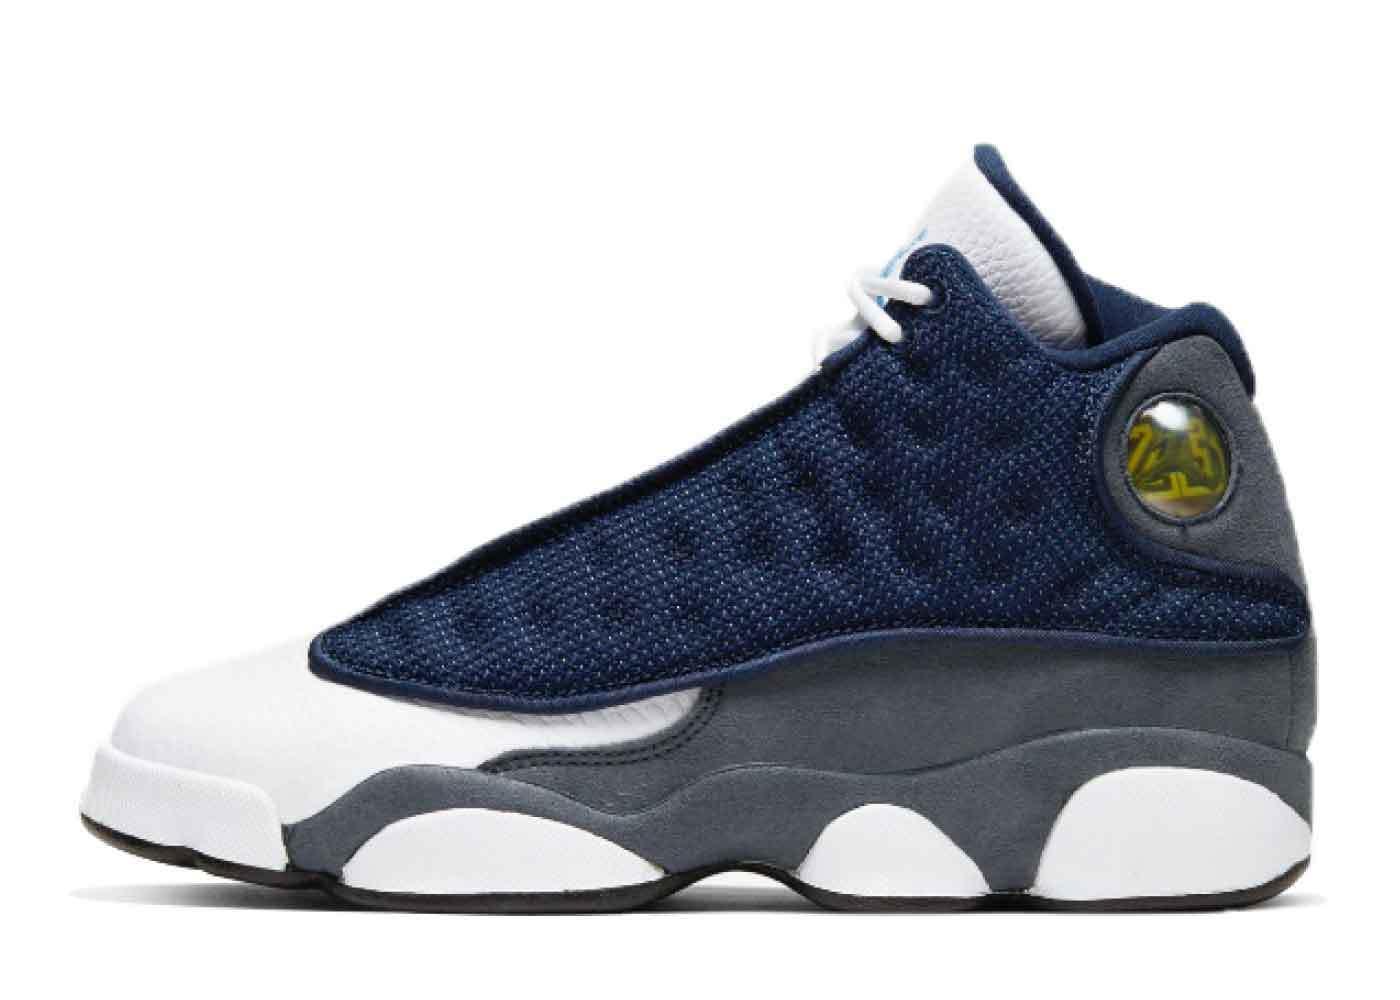 Nike Air Jordan 13 Retro Flint Grey (GS)の写真